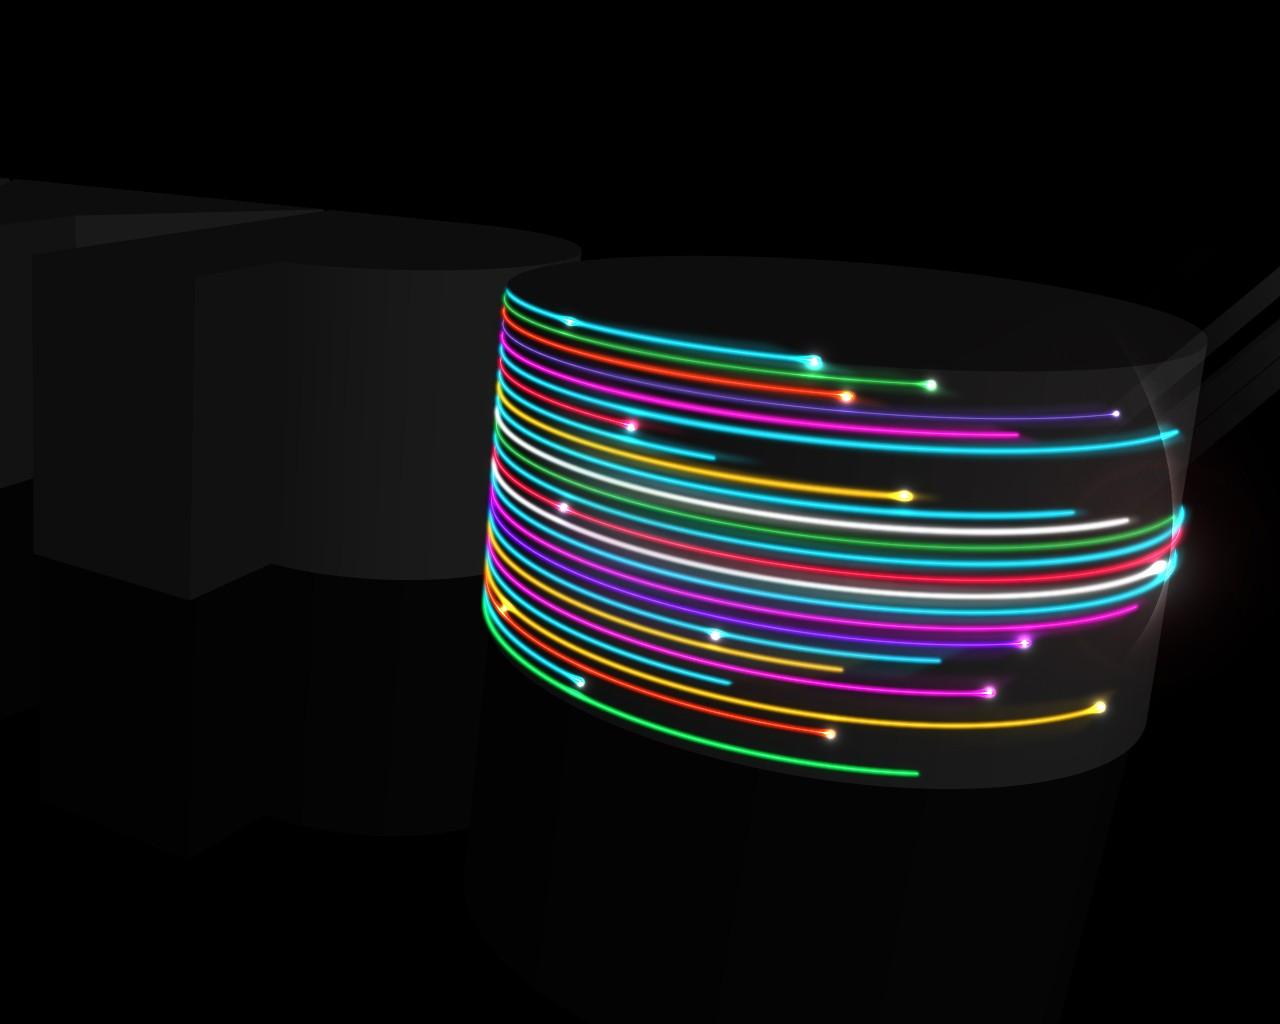 Неоновый свет от 3d объекта  № 941229 бесплатно